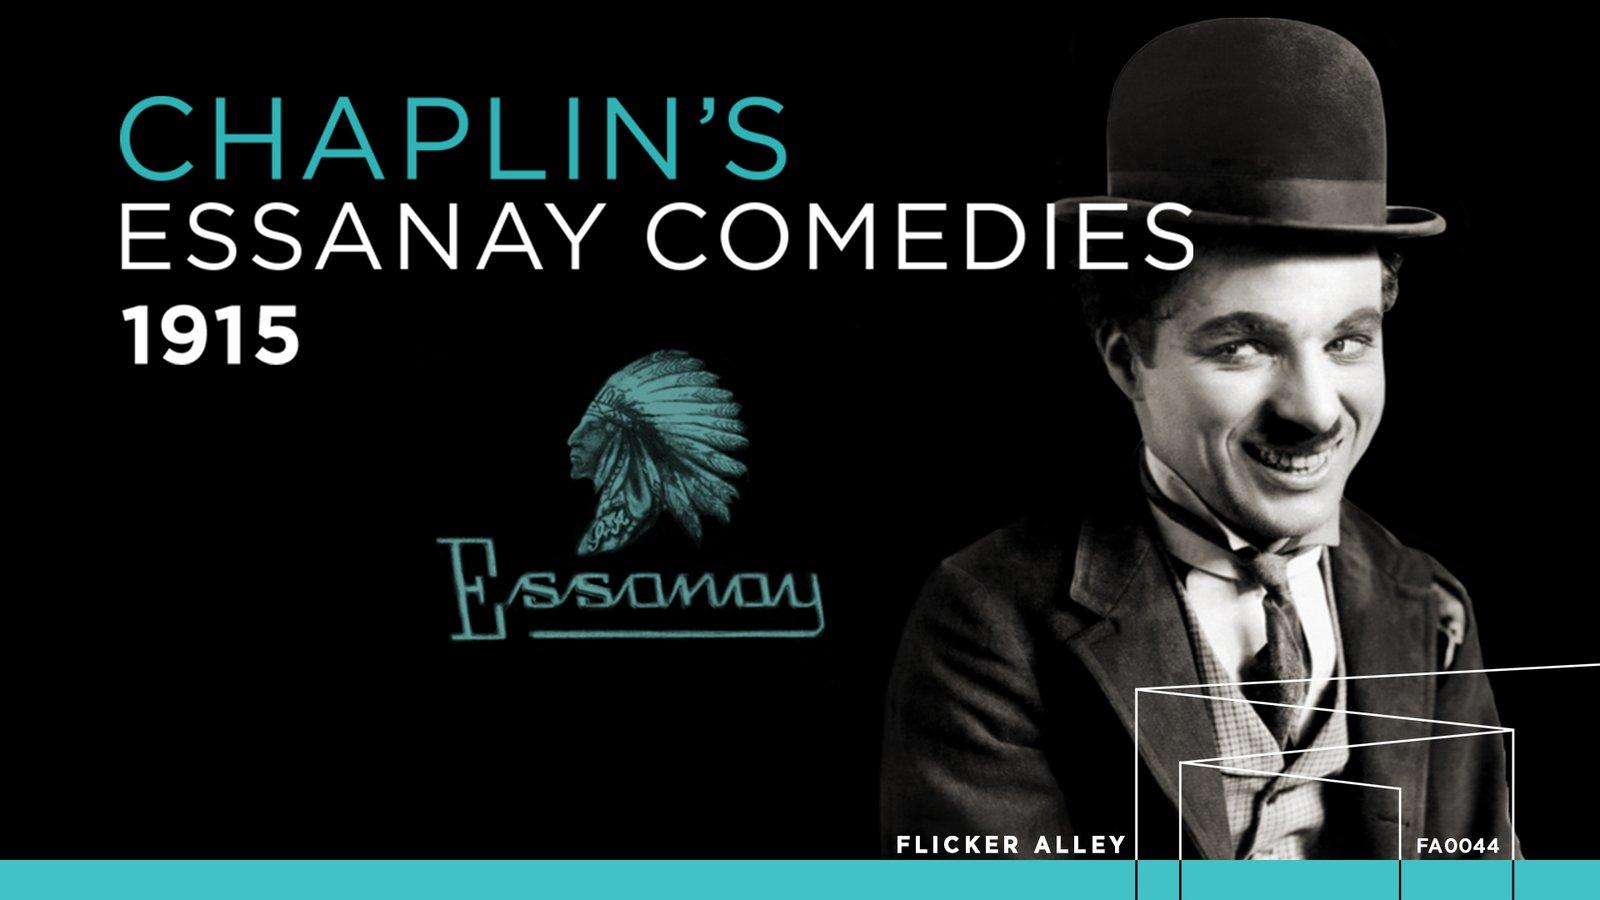 Chaplin's Essanay Comedies Part 2